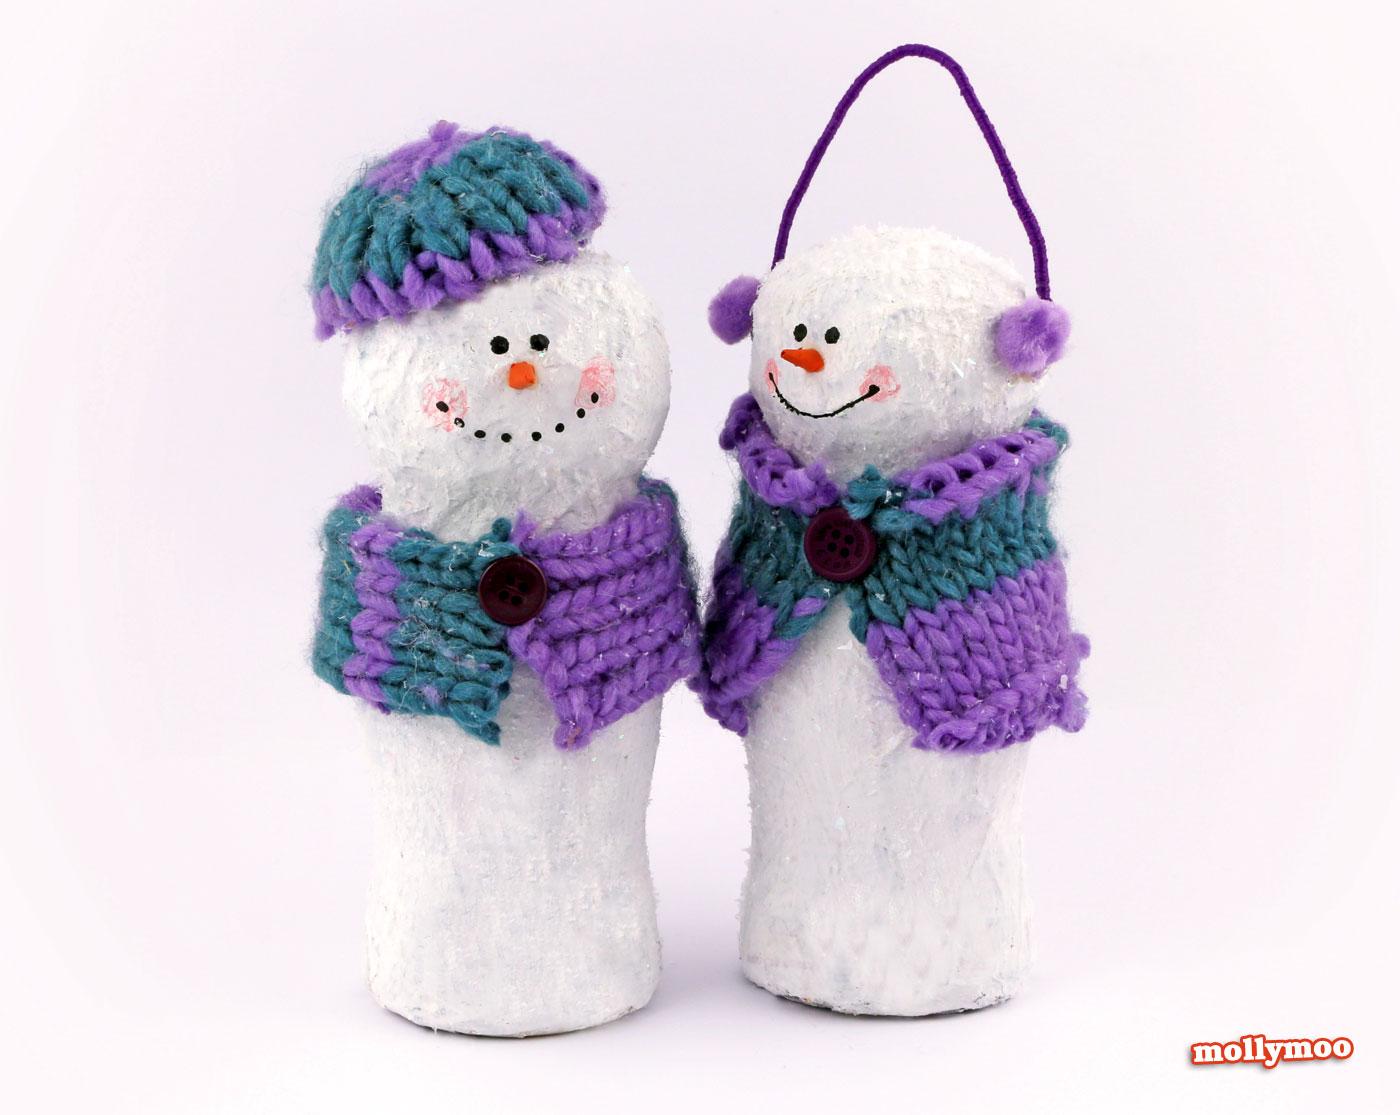 mollymoocrafts christmas crafts papier mache snowman